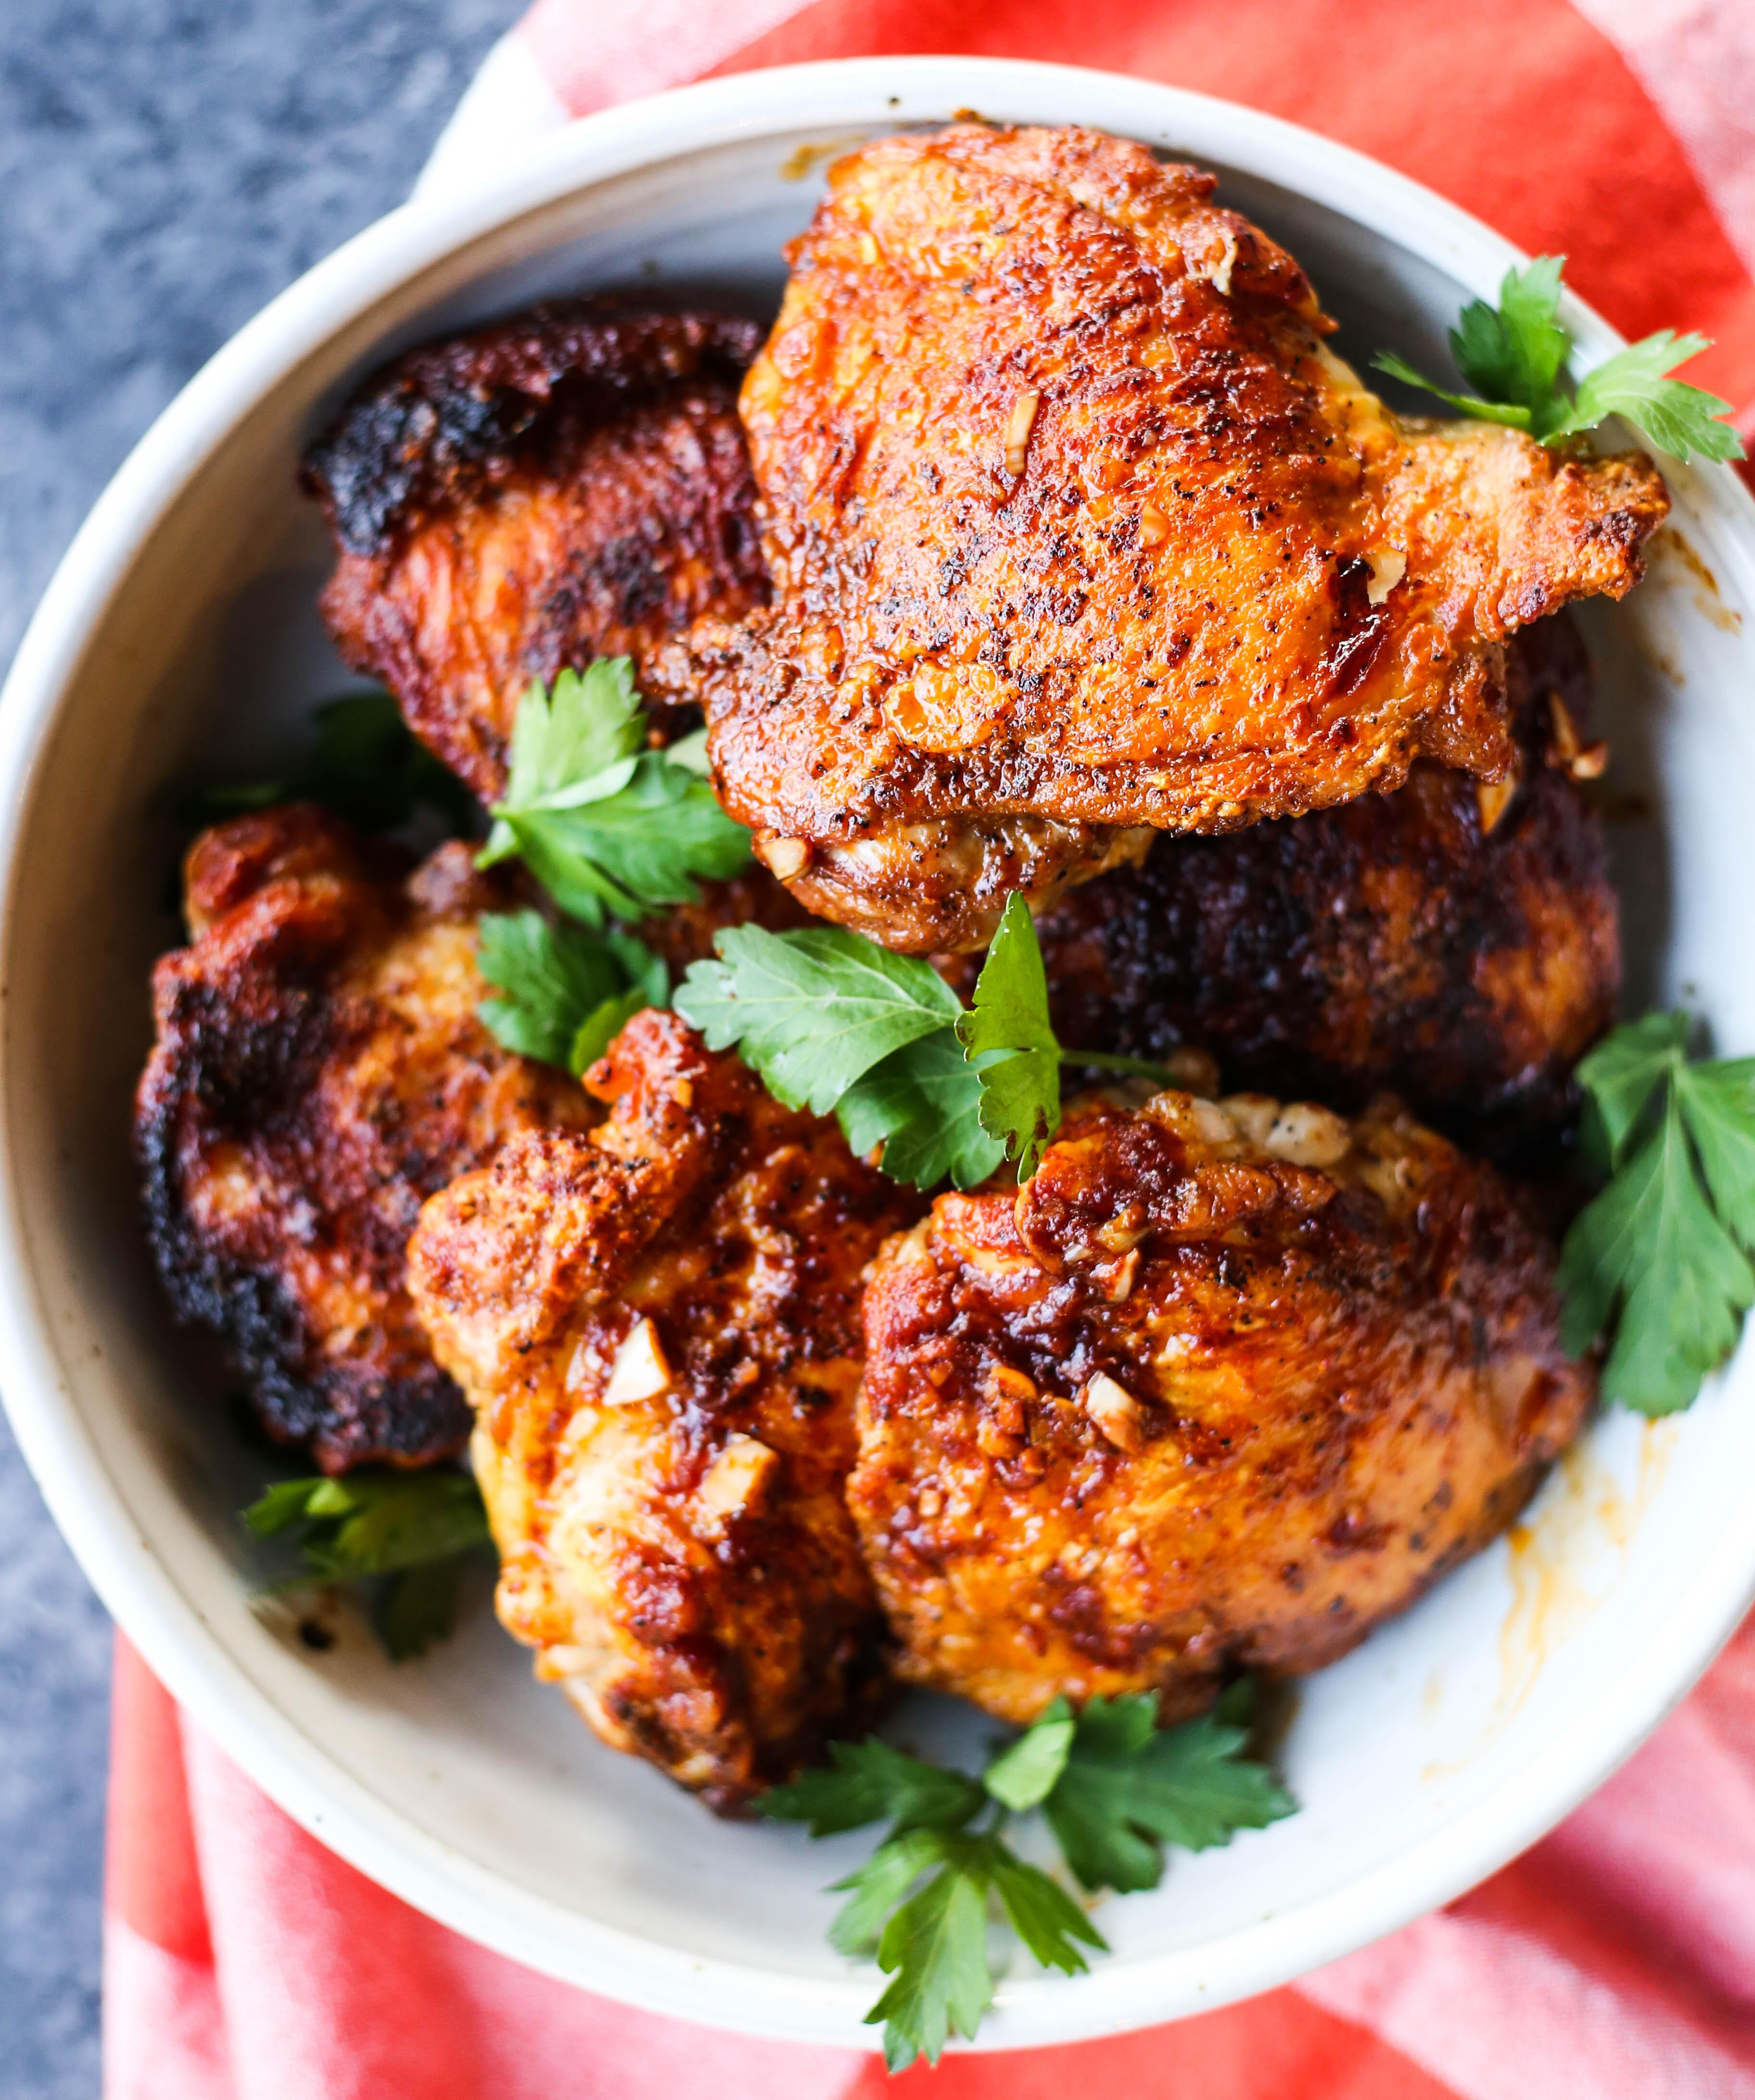 Nashville Un-Fried Hot Chicken